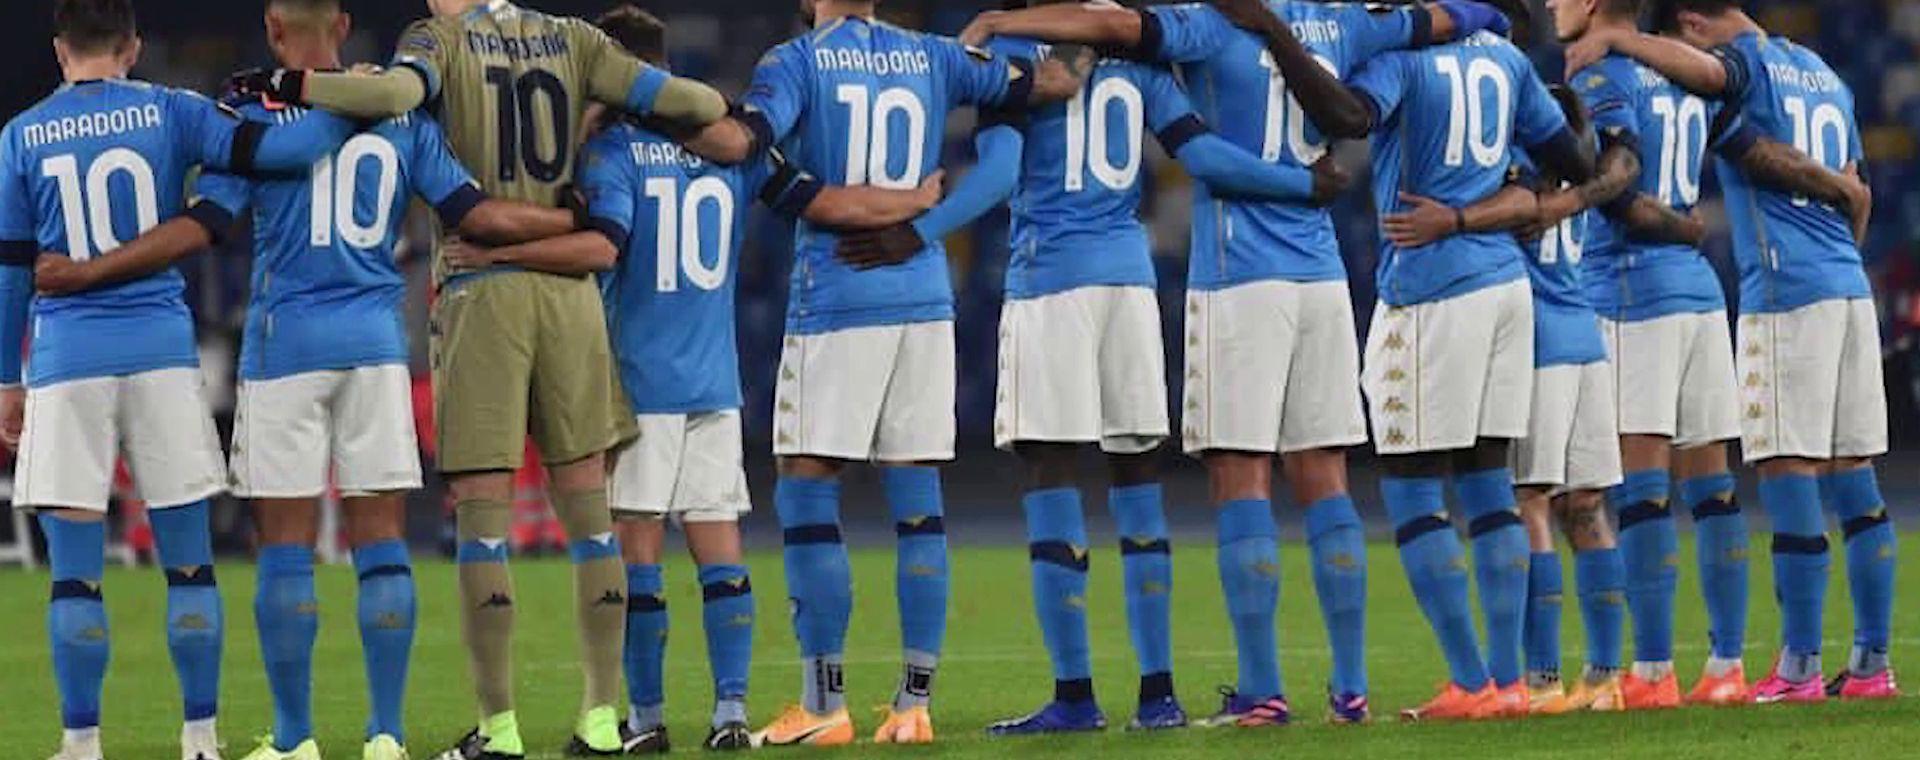 Napoli pays homage